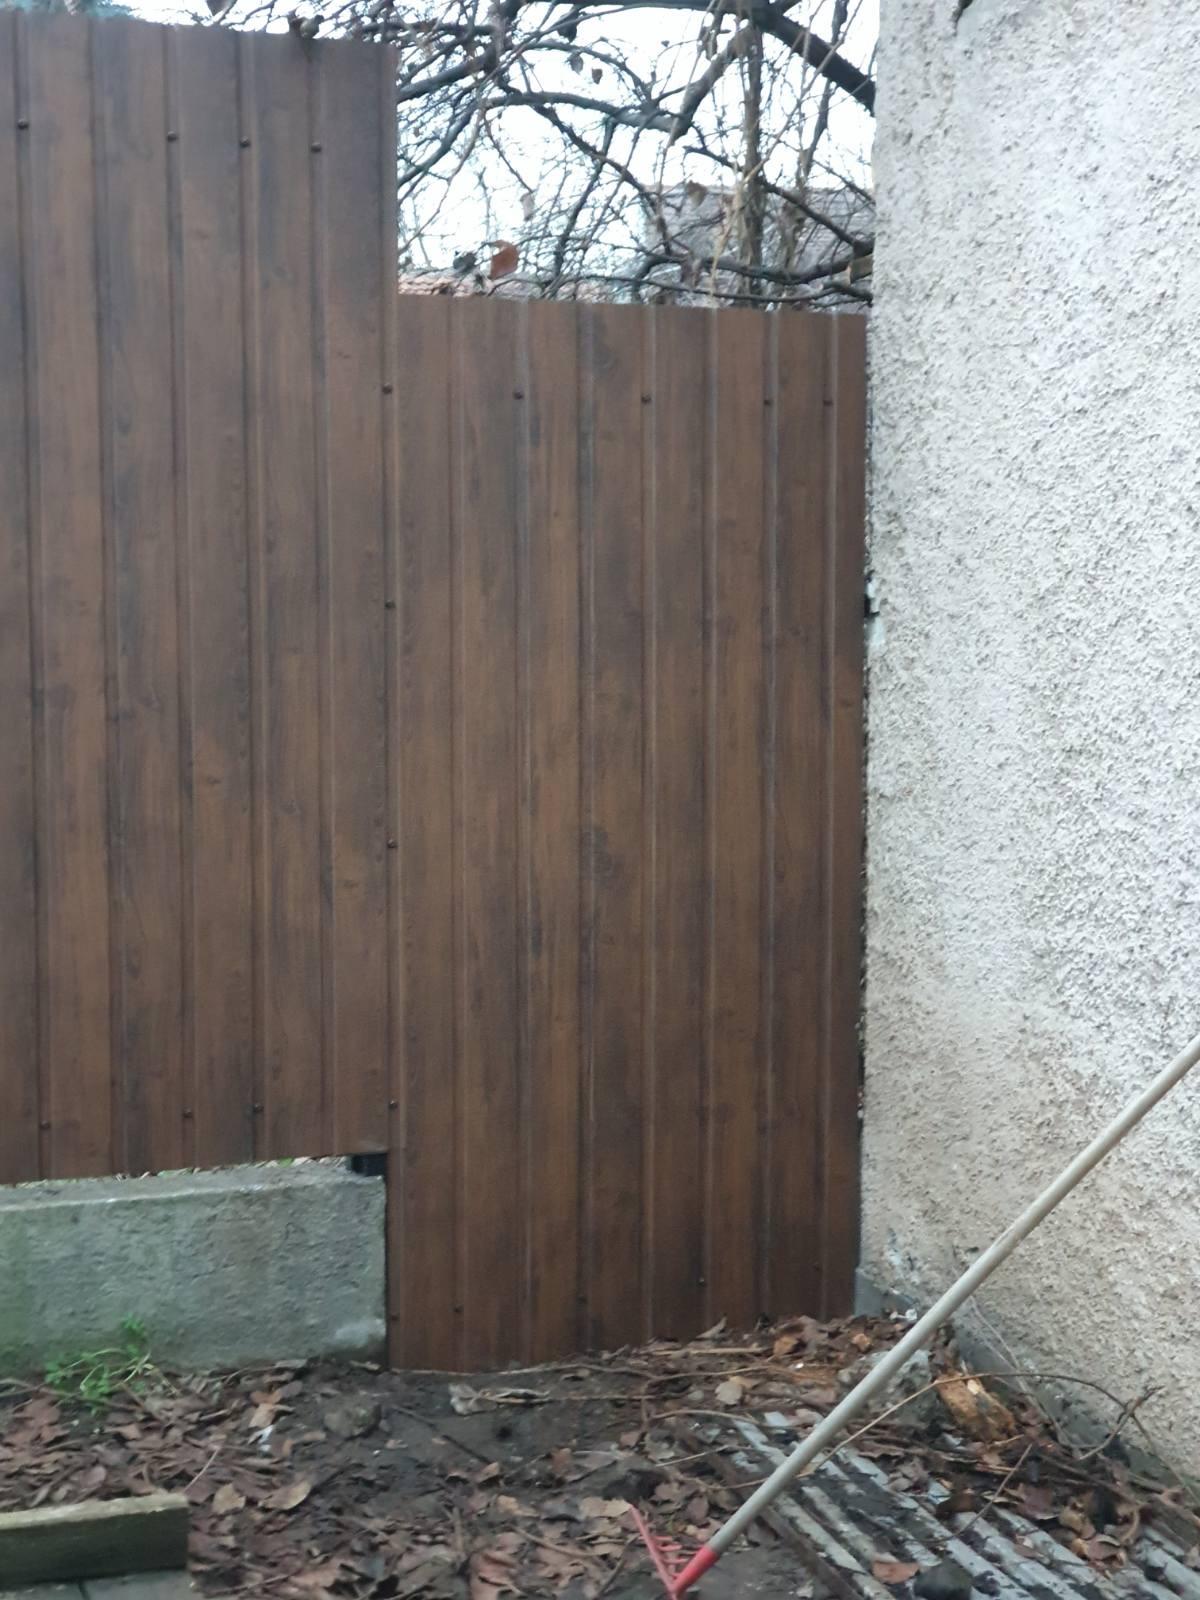 Bp XVIII ker Ráday u kerítés építés trapézlemezből